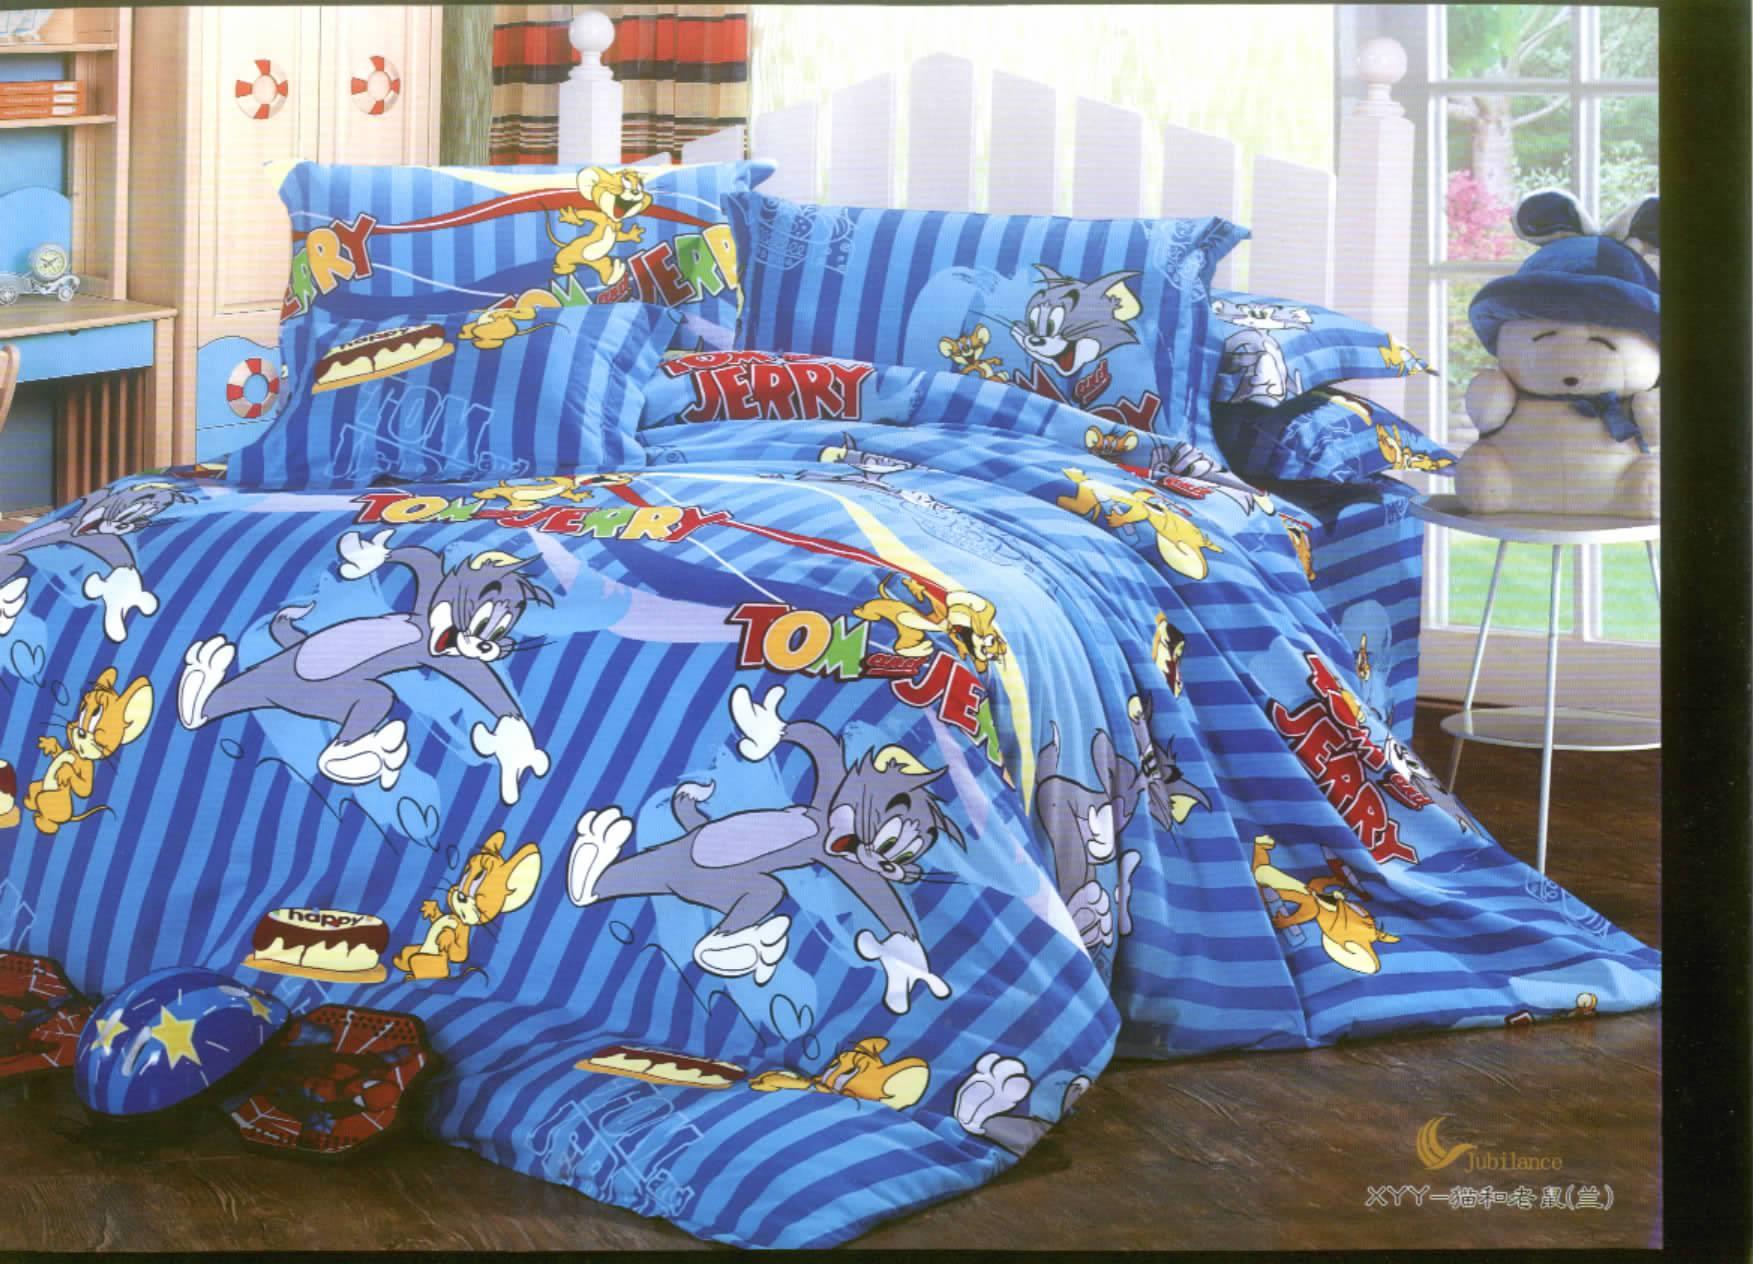 Простыни, Комплекты Бесплатный заказ пользовательские листы кровать Mikasa одеяло Одеяло Обложка премиум шлифованная ткань хлопок хлопок sueding * кота и мыши *